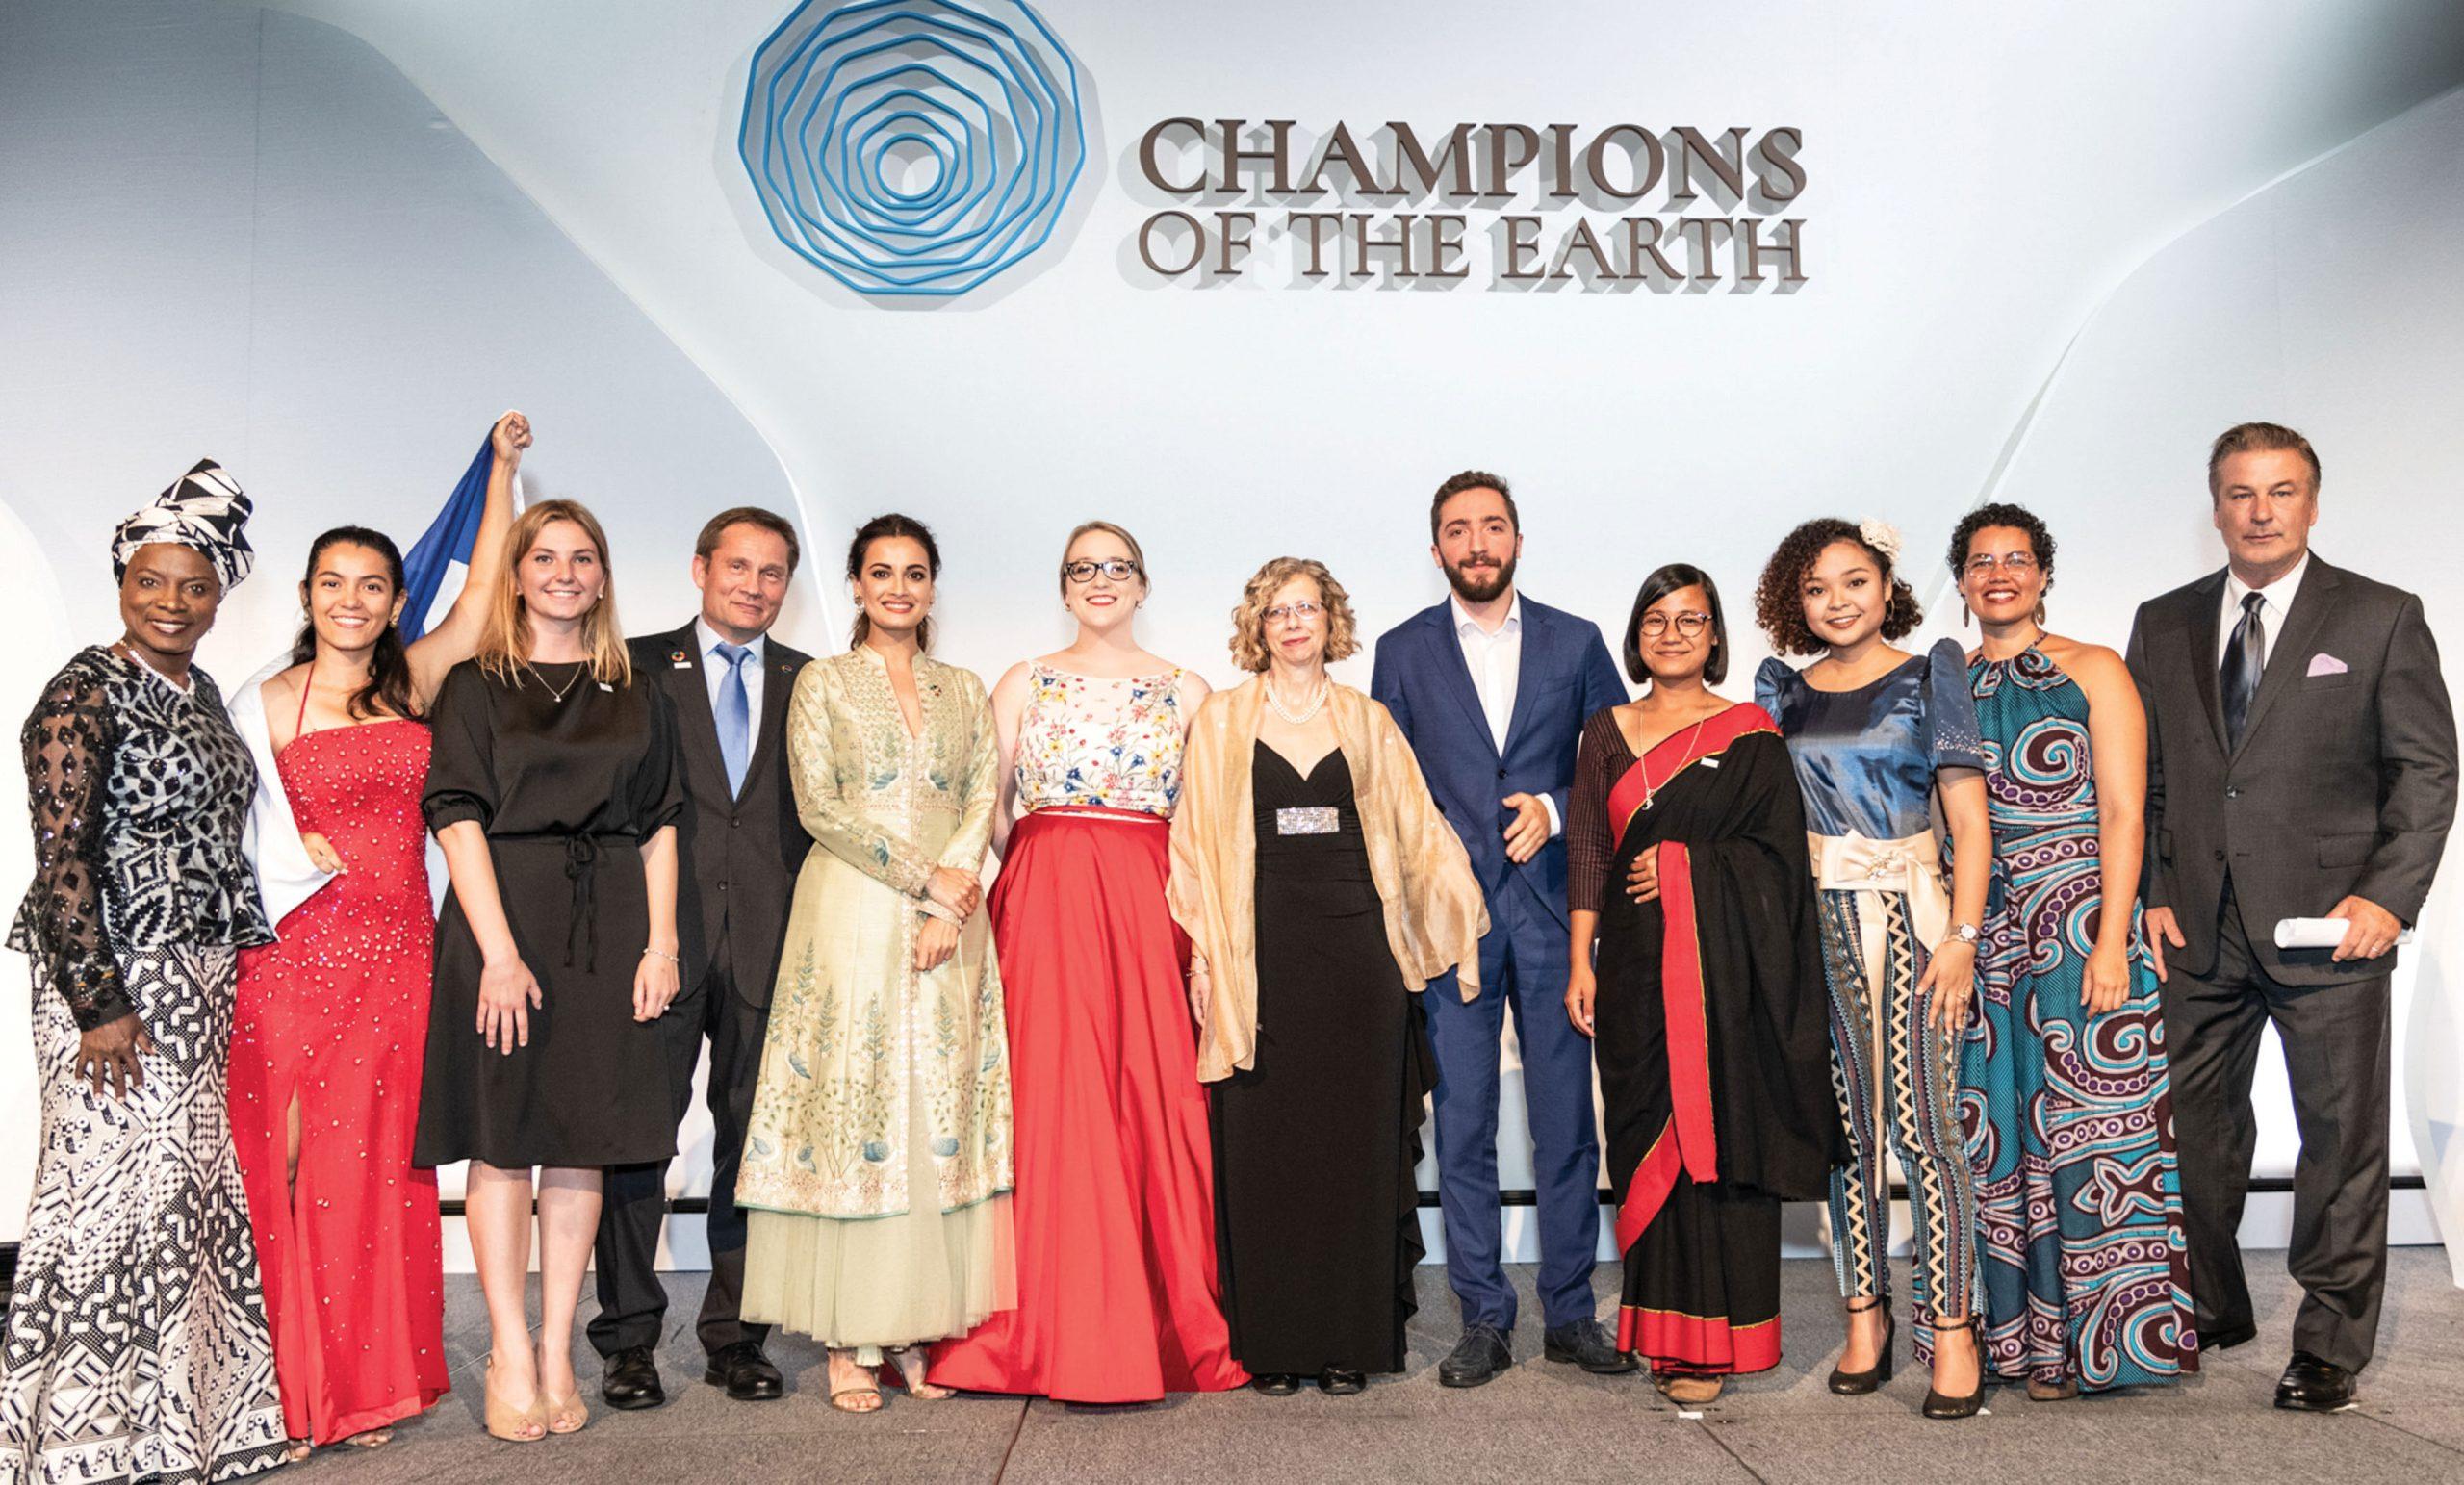 Jóvenes Campeones de la Tierra